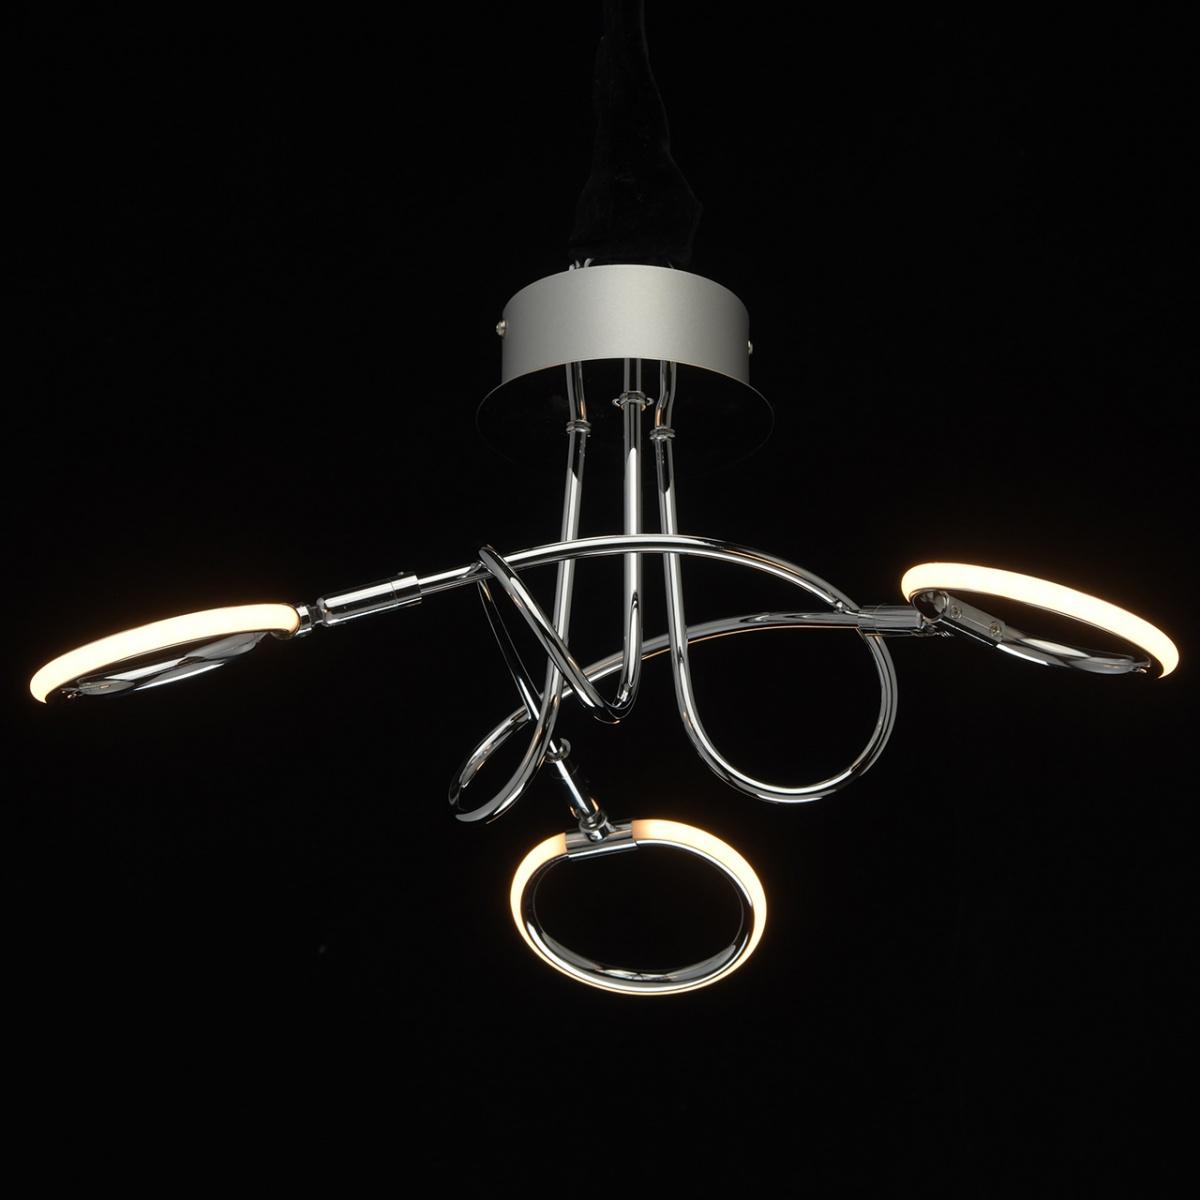 Nowoczesna Chromowana Lampa Sufitowa Trzy Okregi Led Demarkt Techno